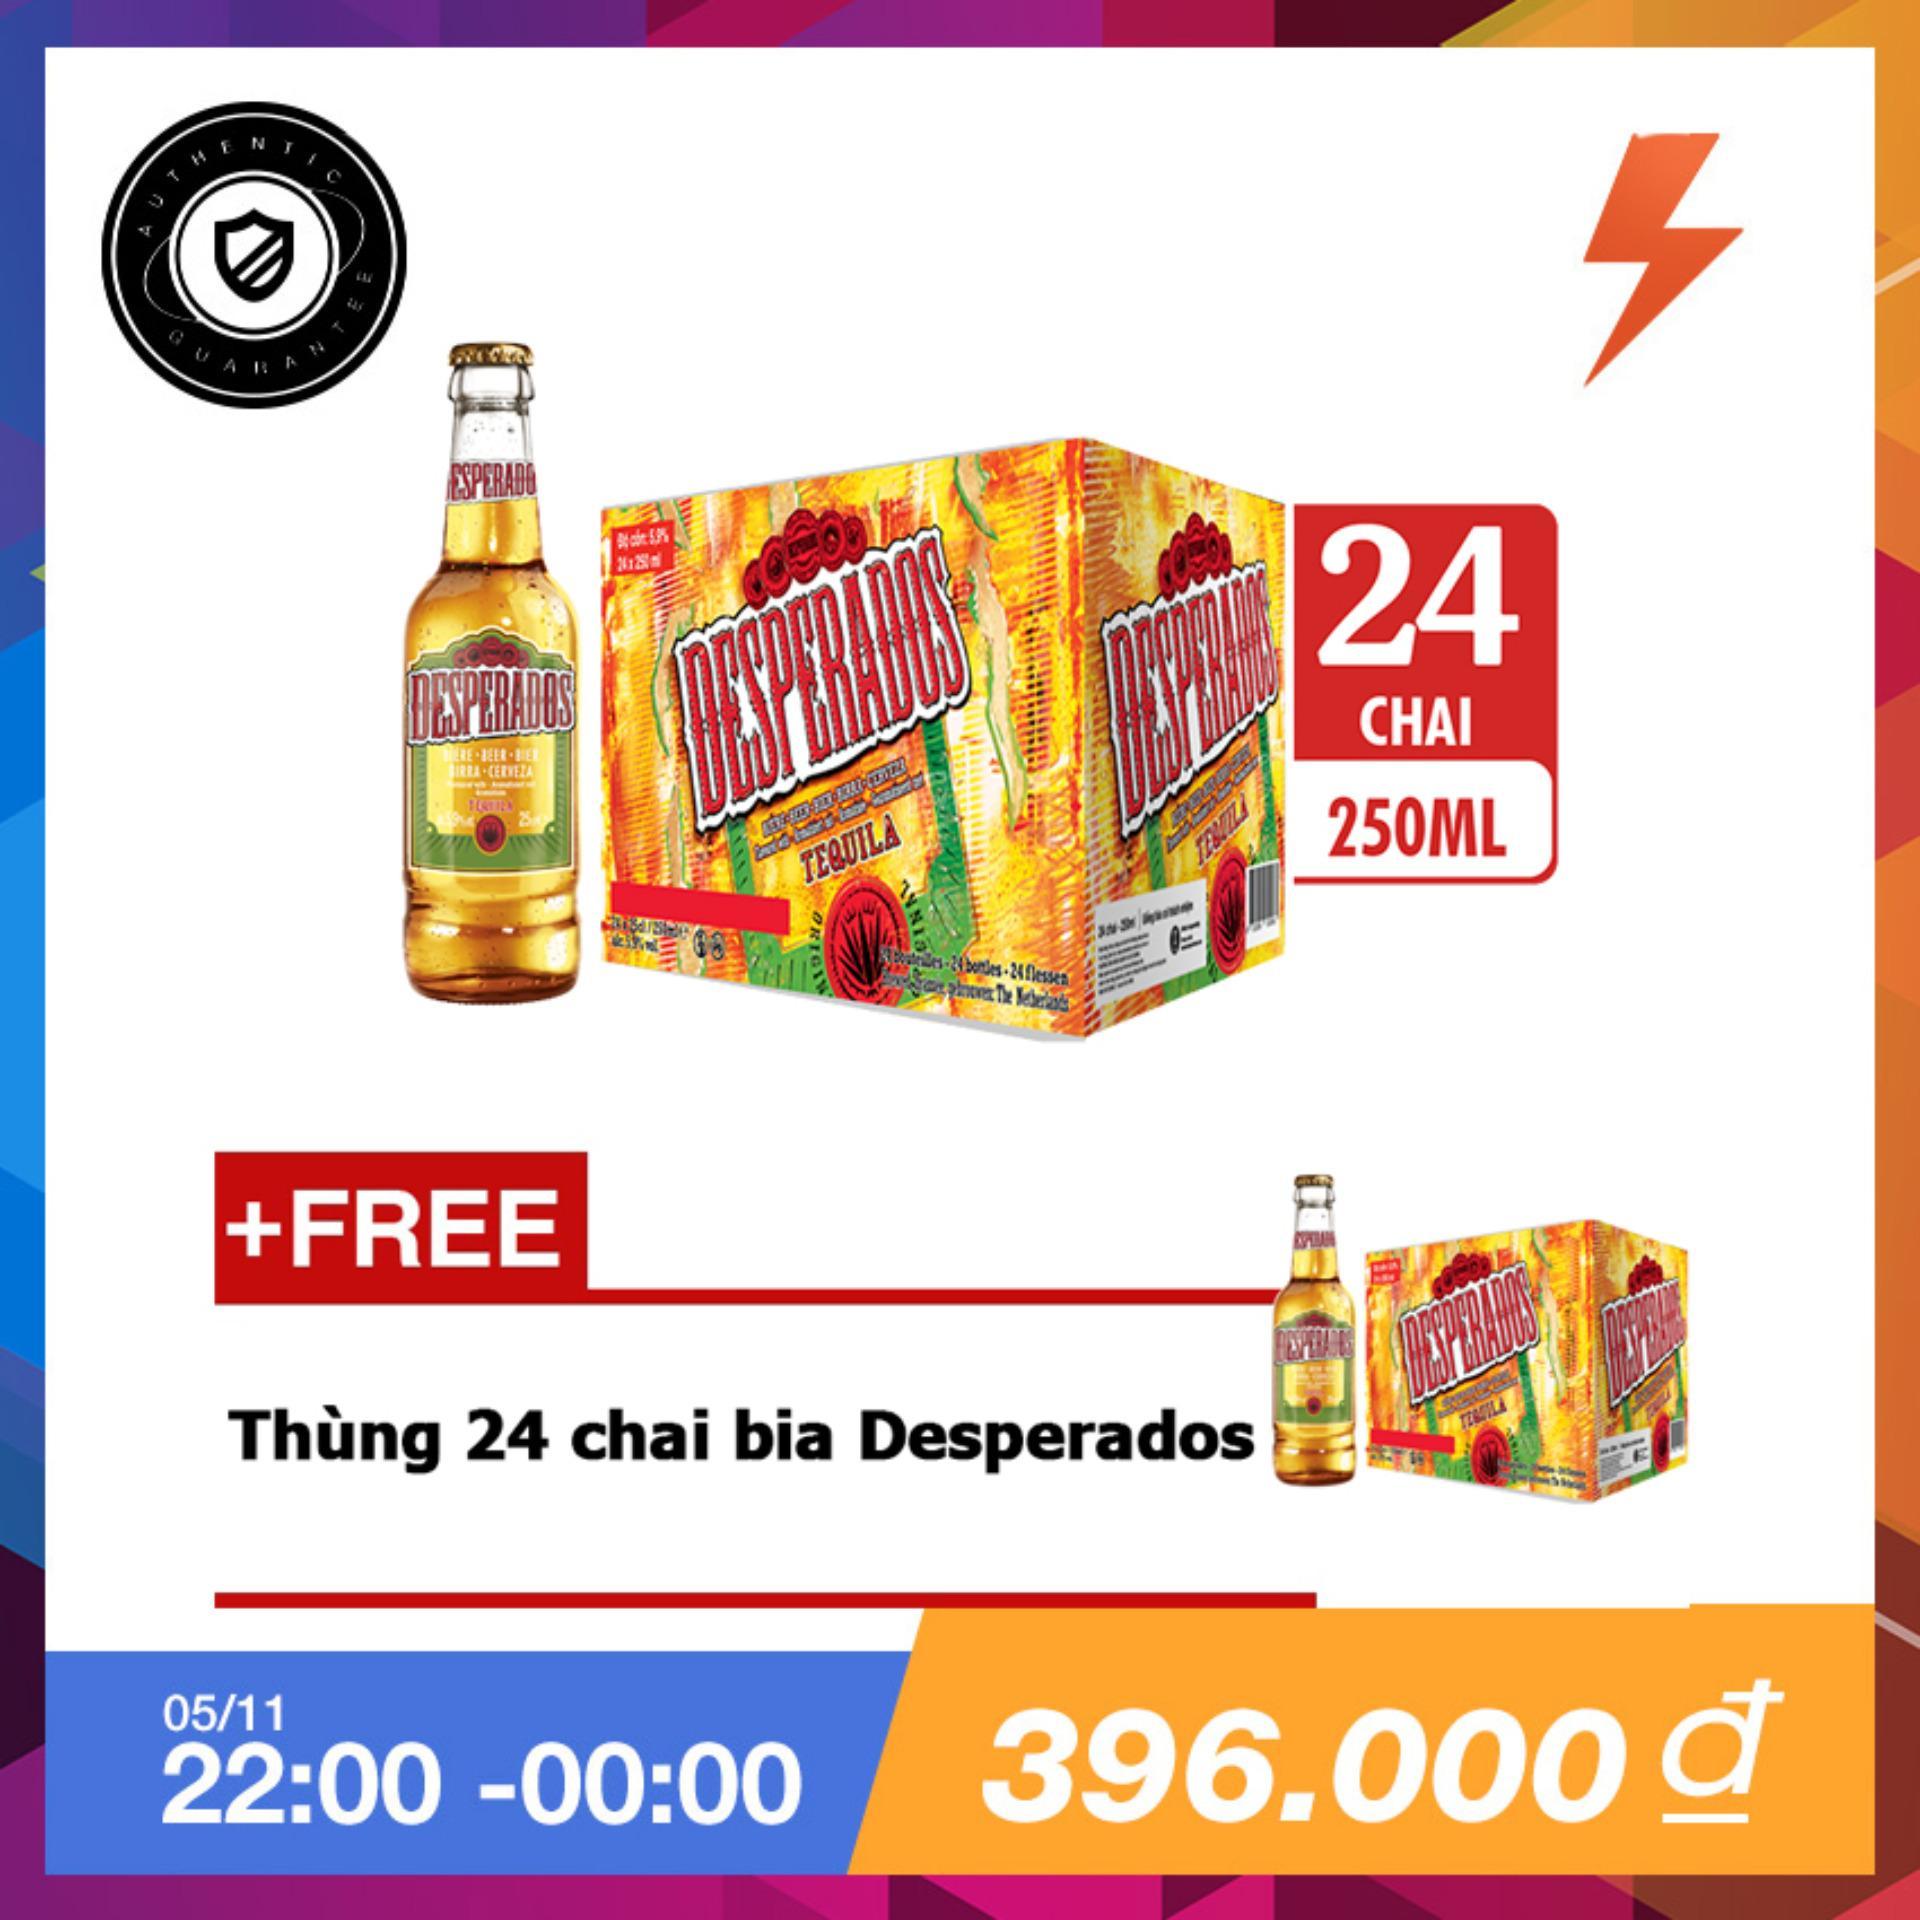 Bán Thung 24 Chai Bia Desperados Hương Vị Tequila 250Ml Tặng Thung 24 Chai Bia Desperados Rẻ